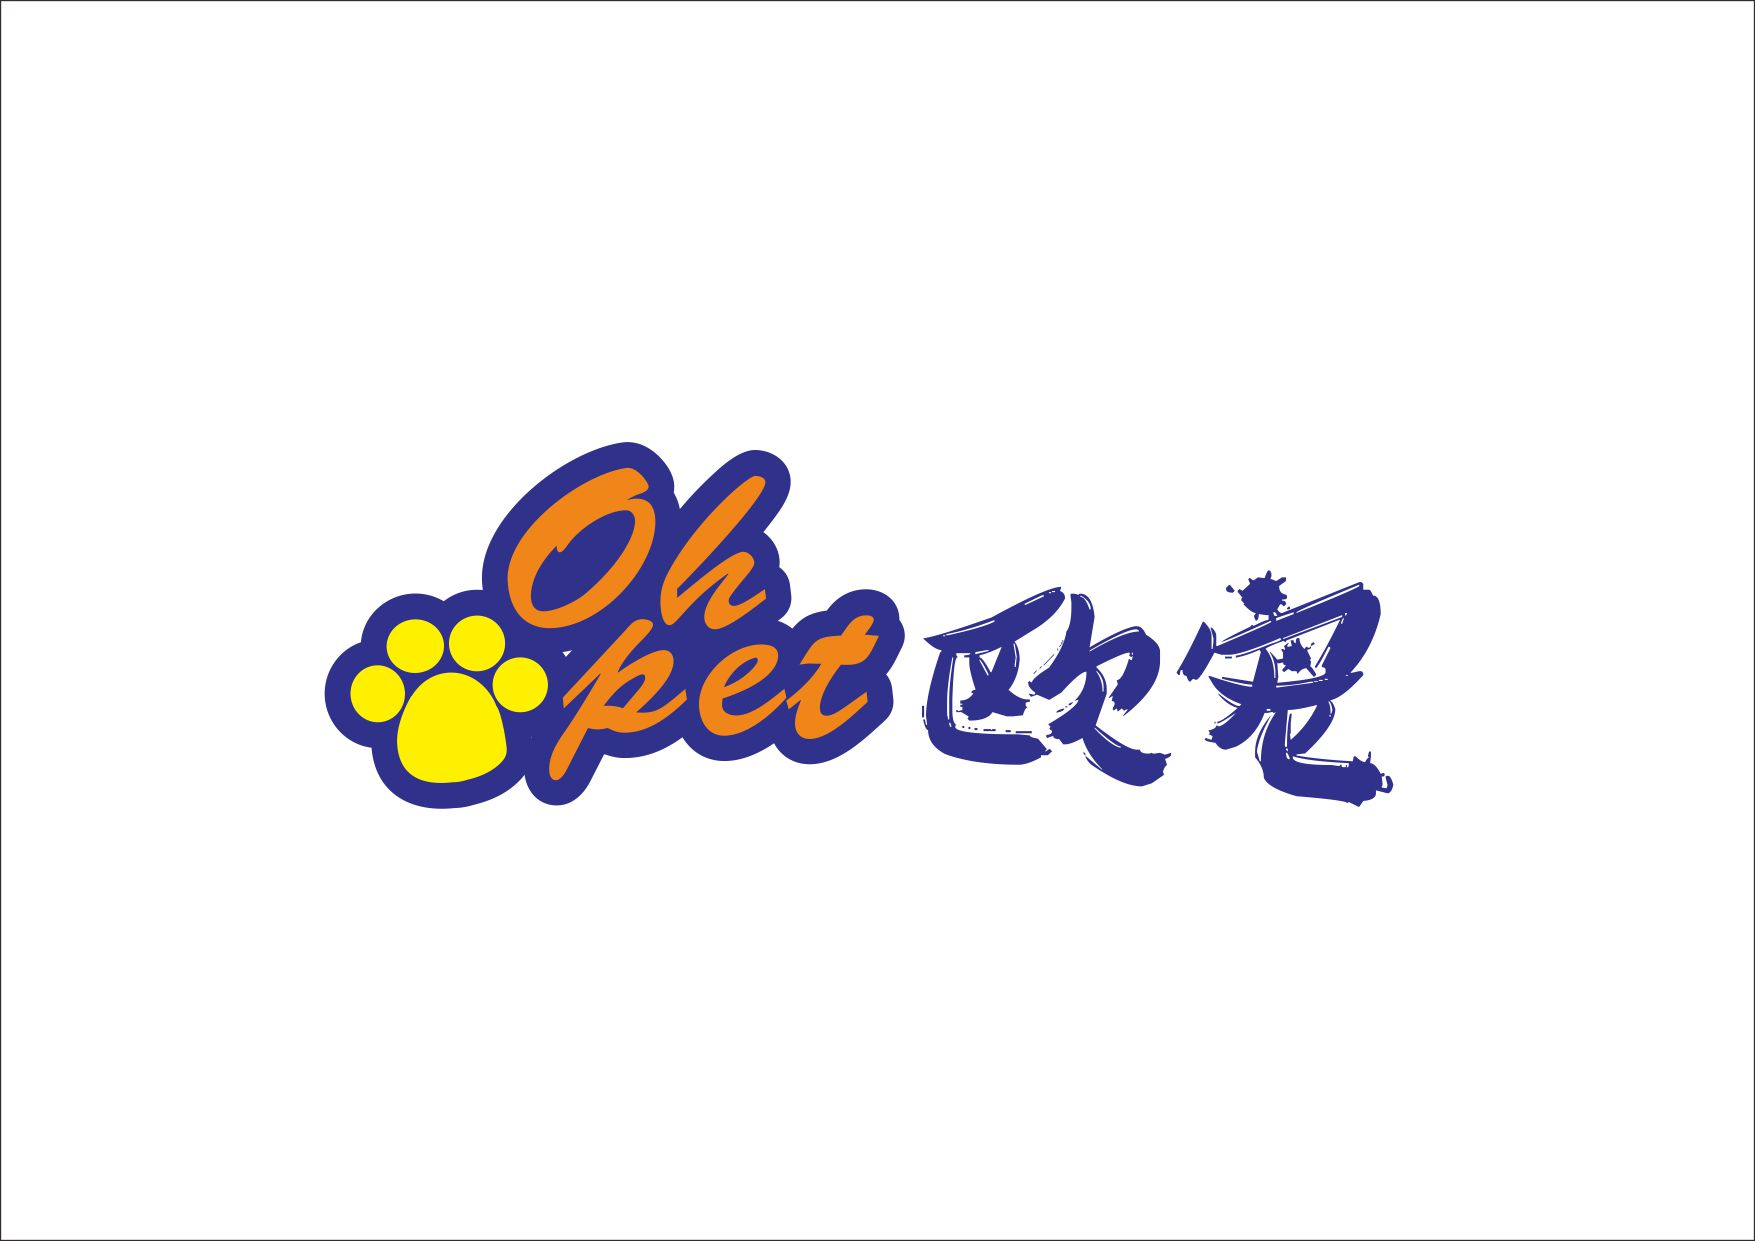 宠物饲料商标设计_logo设计_商标/vi设计_一品威客网